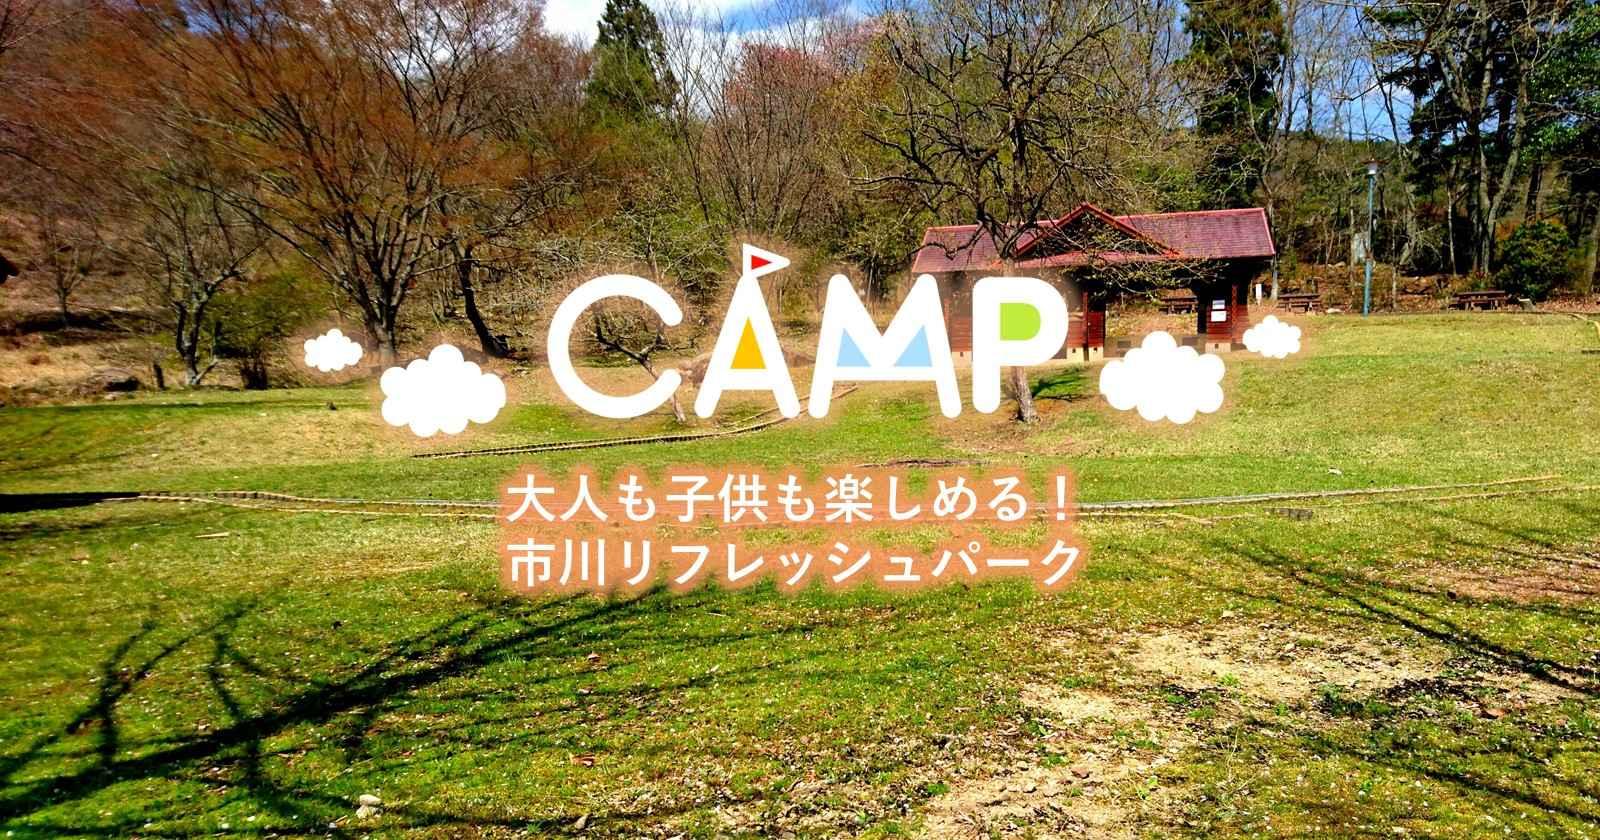 【兵庫県】市川リフレッシュパークは食べて、遊んで、泊まれる3拍子揃ったキャンプ場